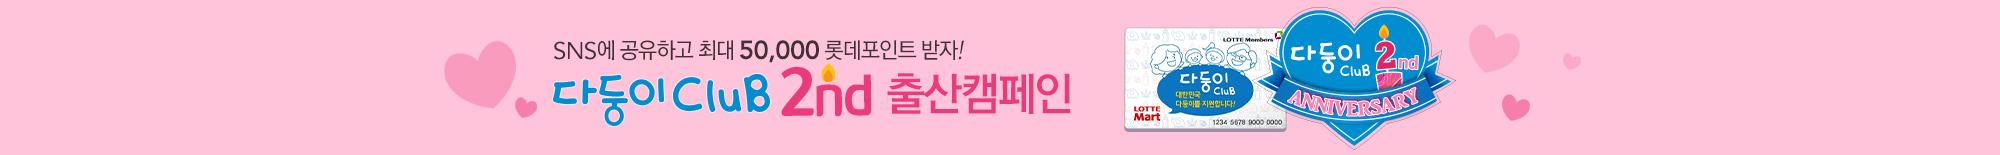 SNS에 공유하고 최대 50,000 롯데포인트 받자! 다둥이Club 2nd 출산 캠페인